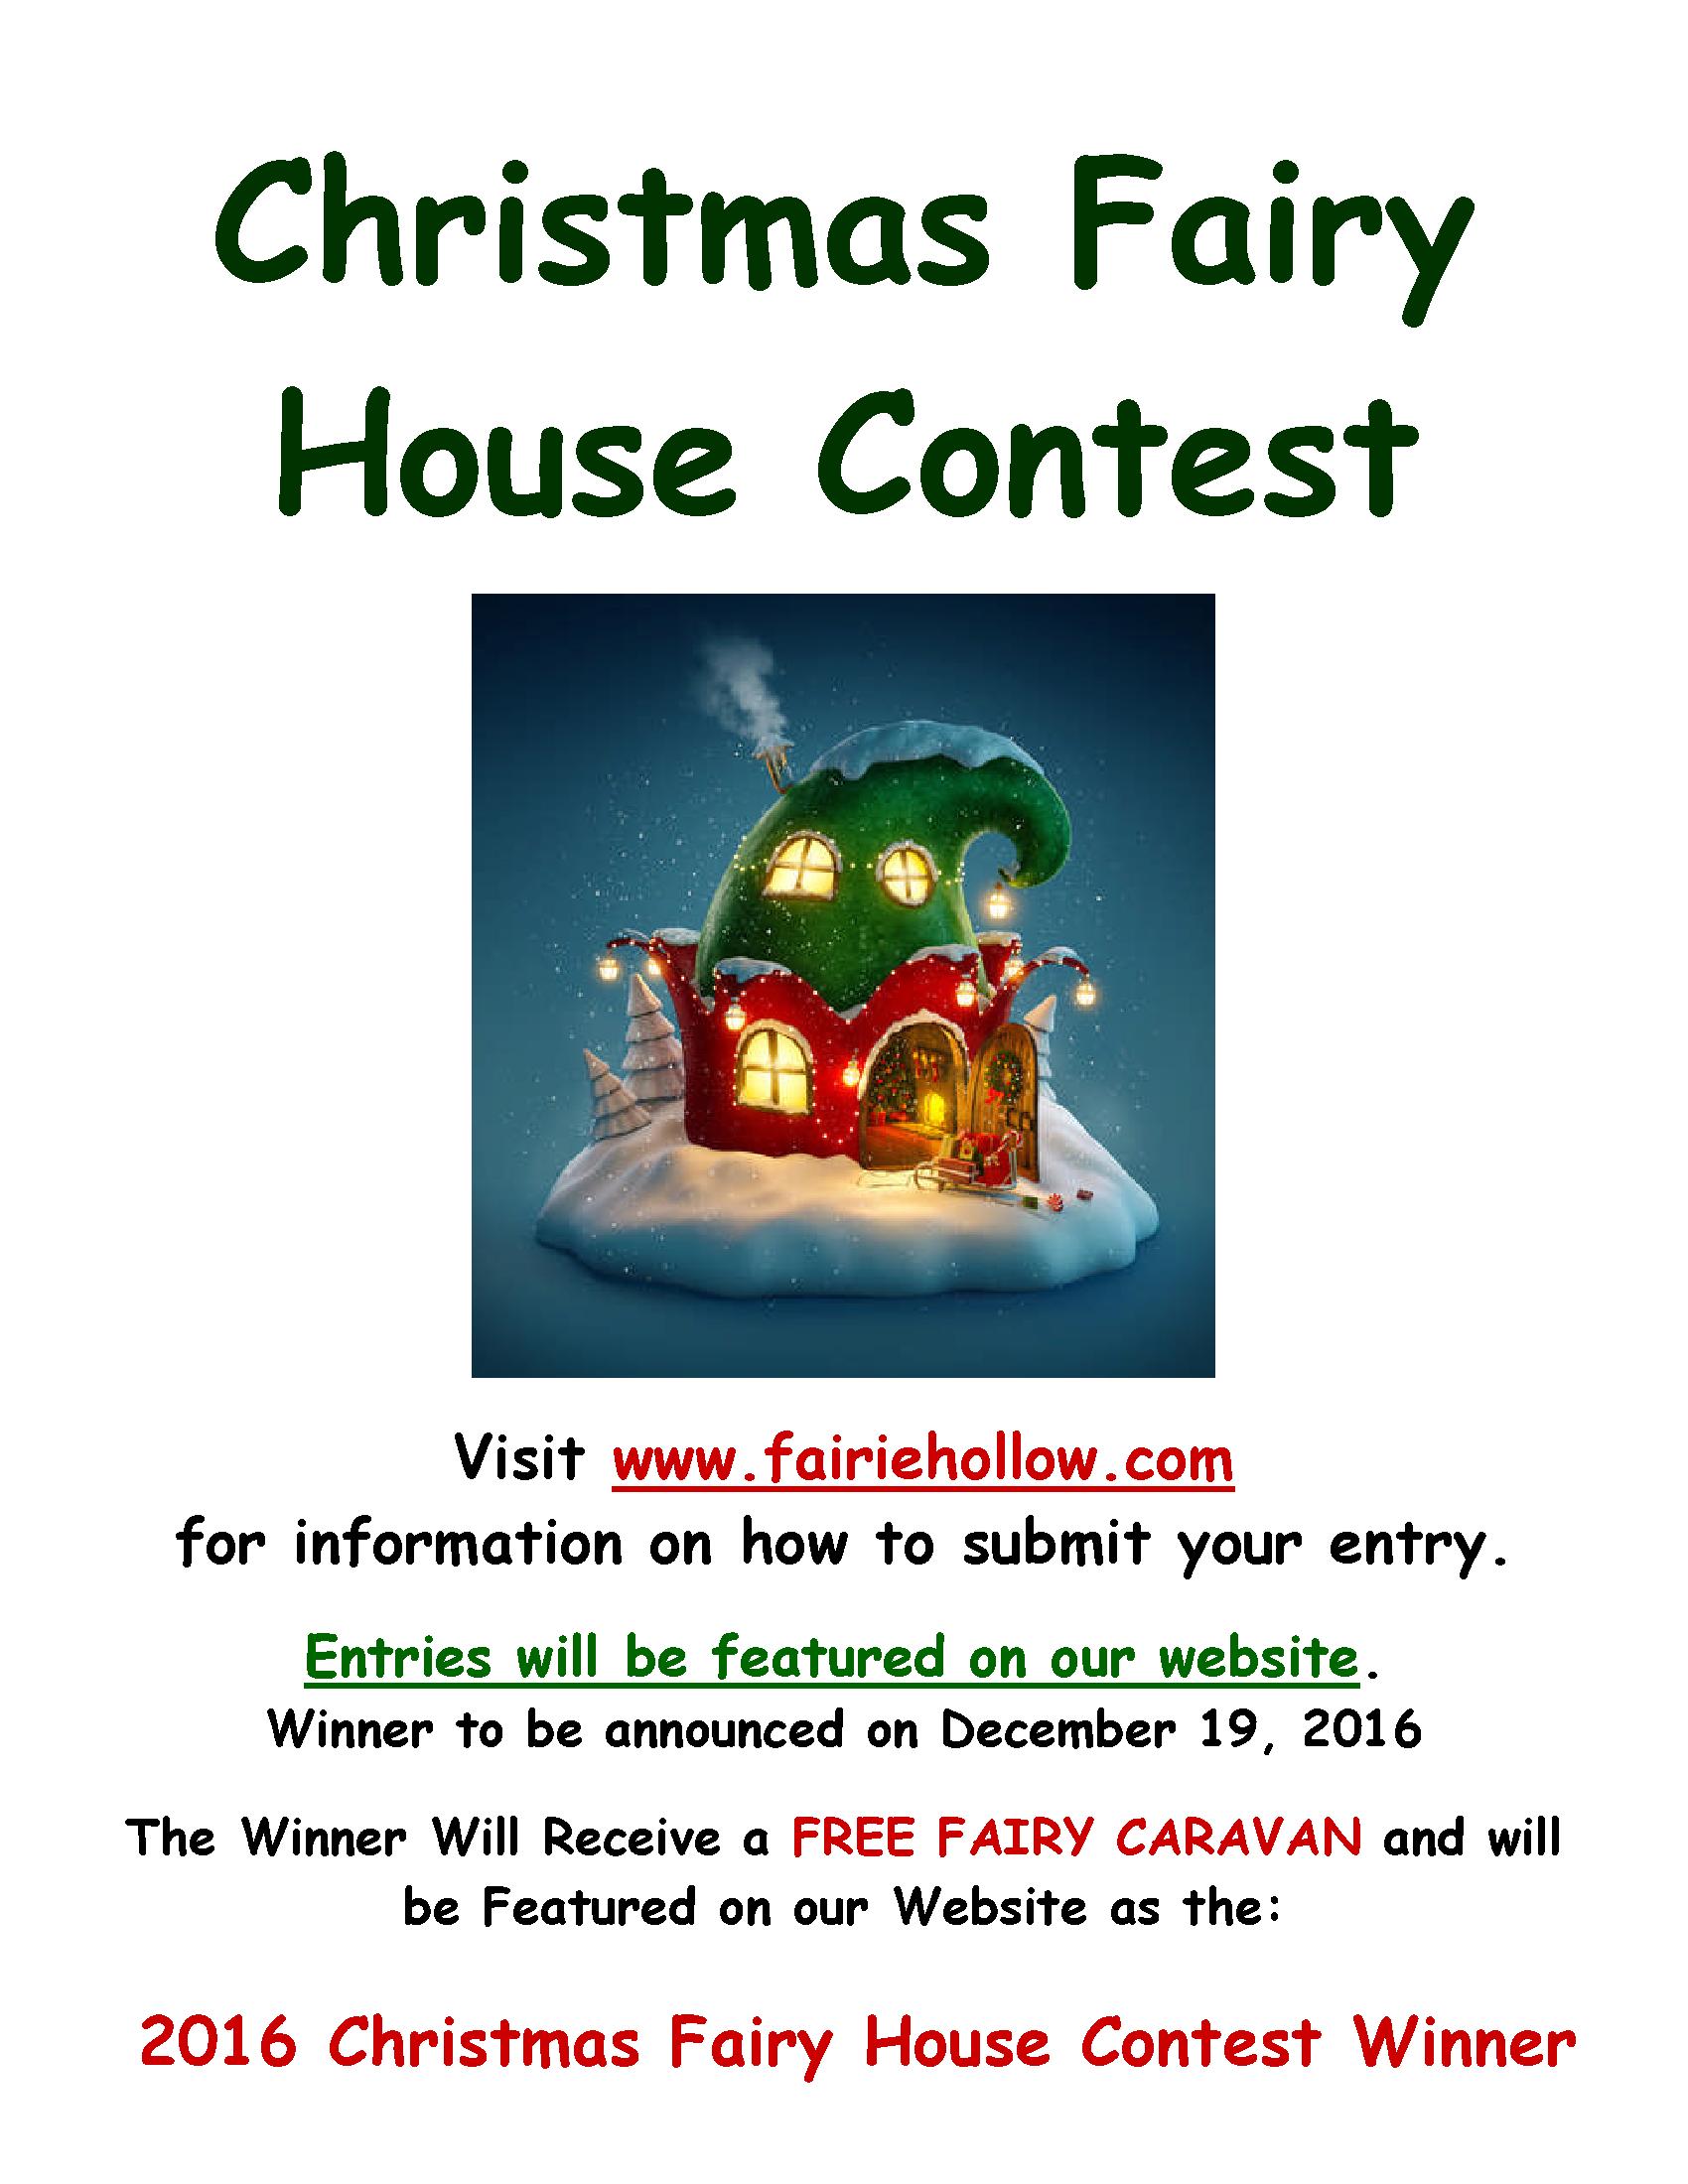 Christmas Fairy House Contest 2016